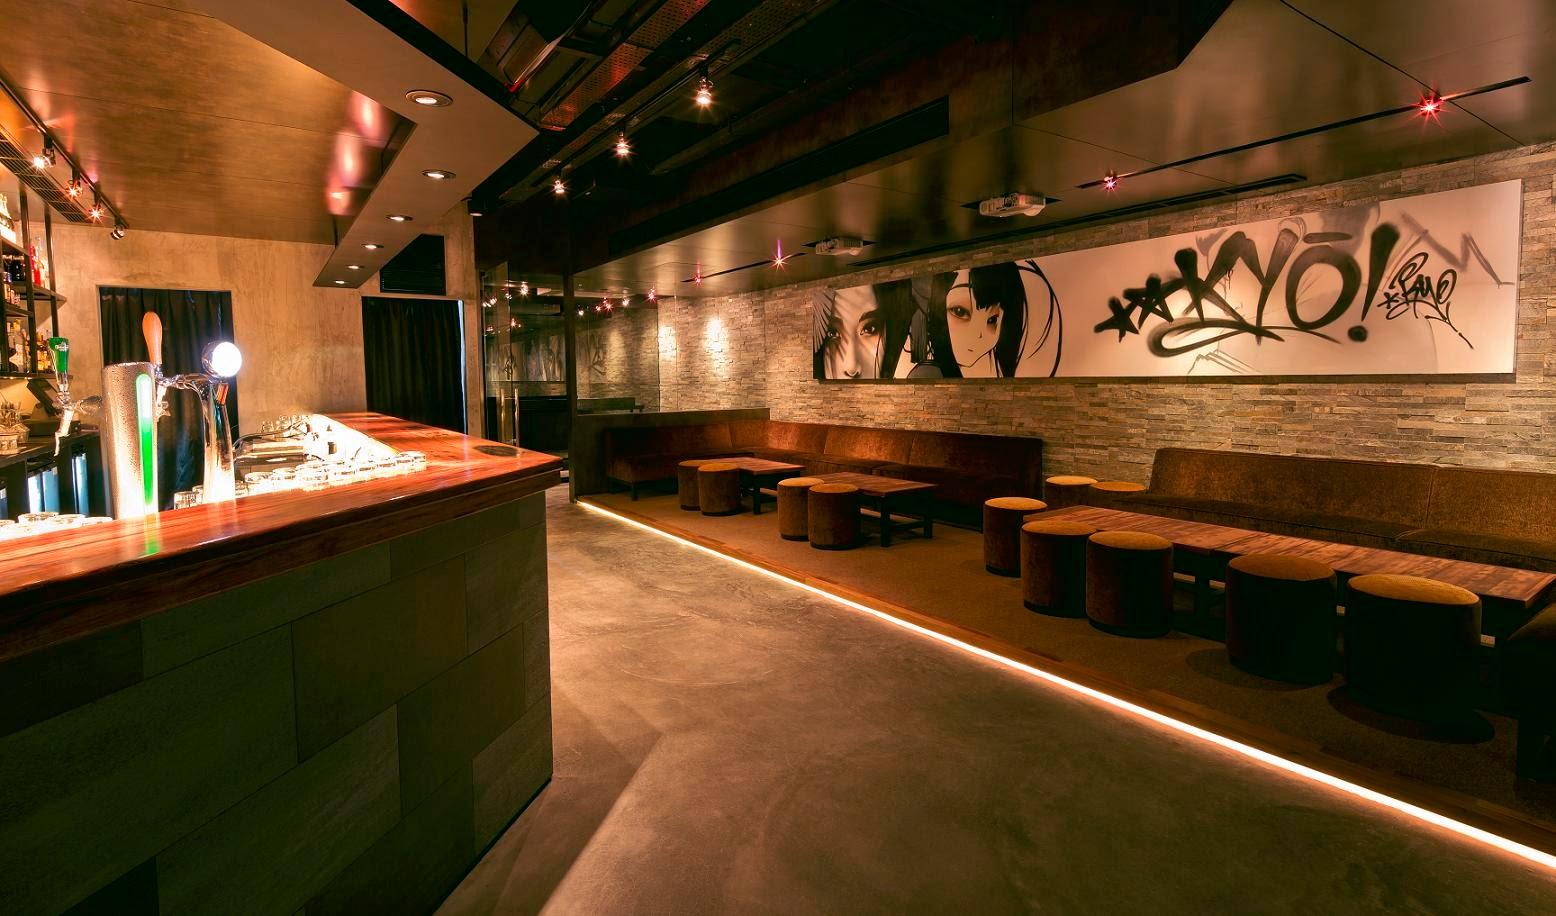 Club Kyo 1